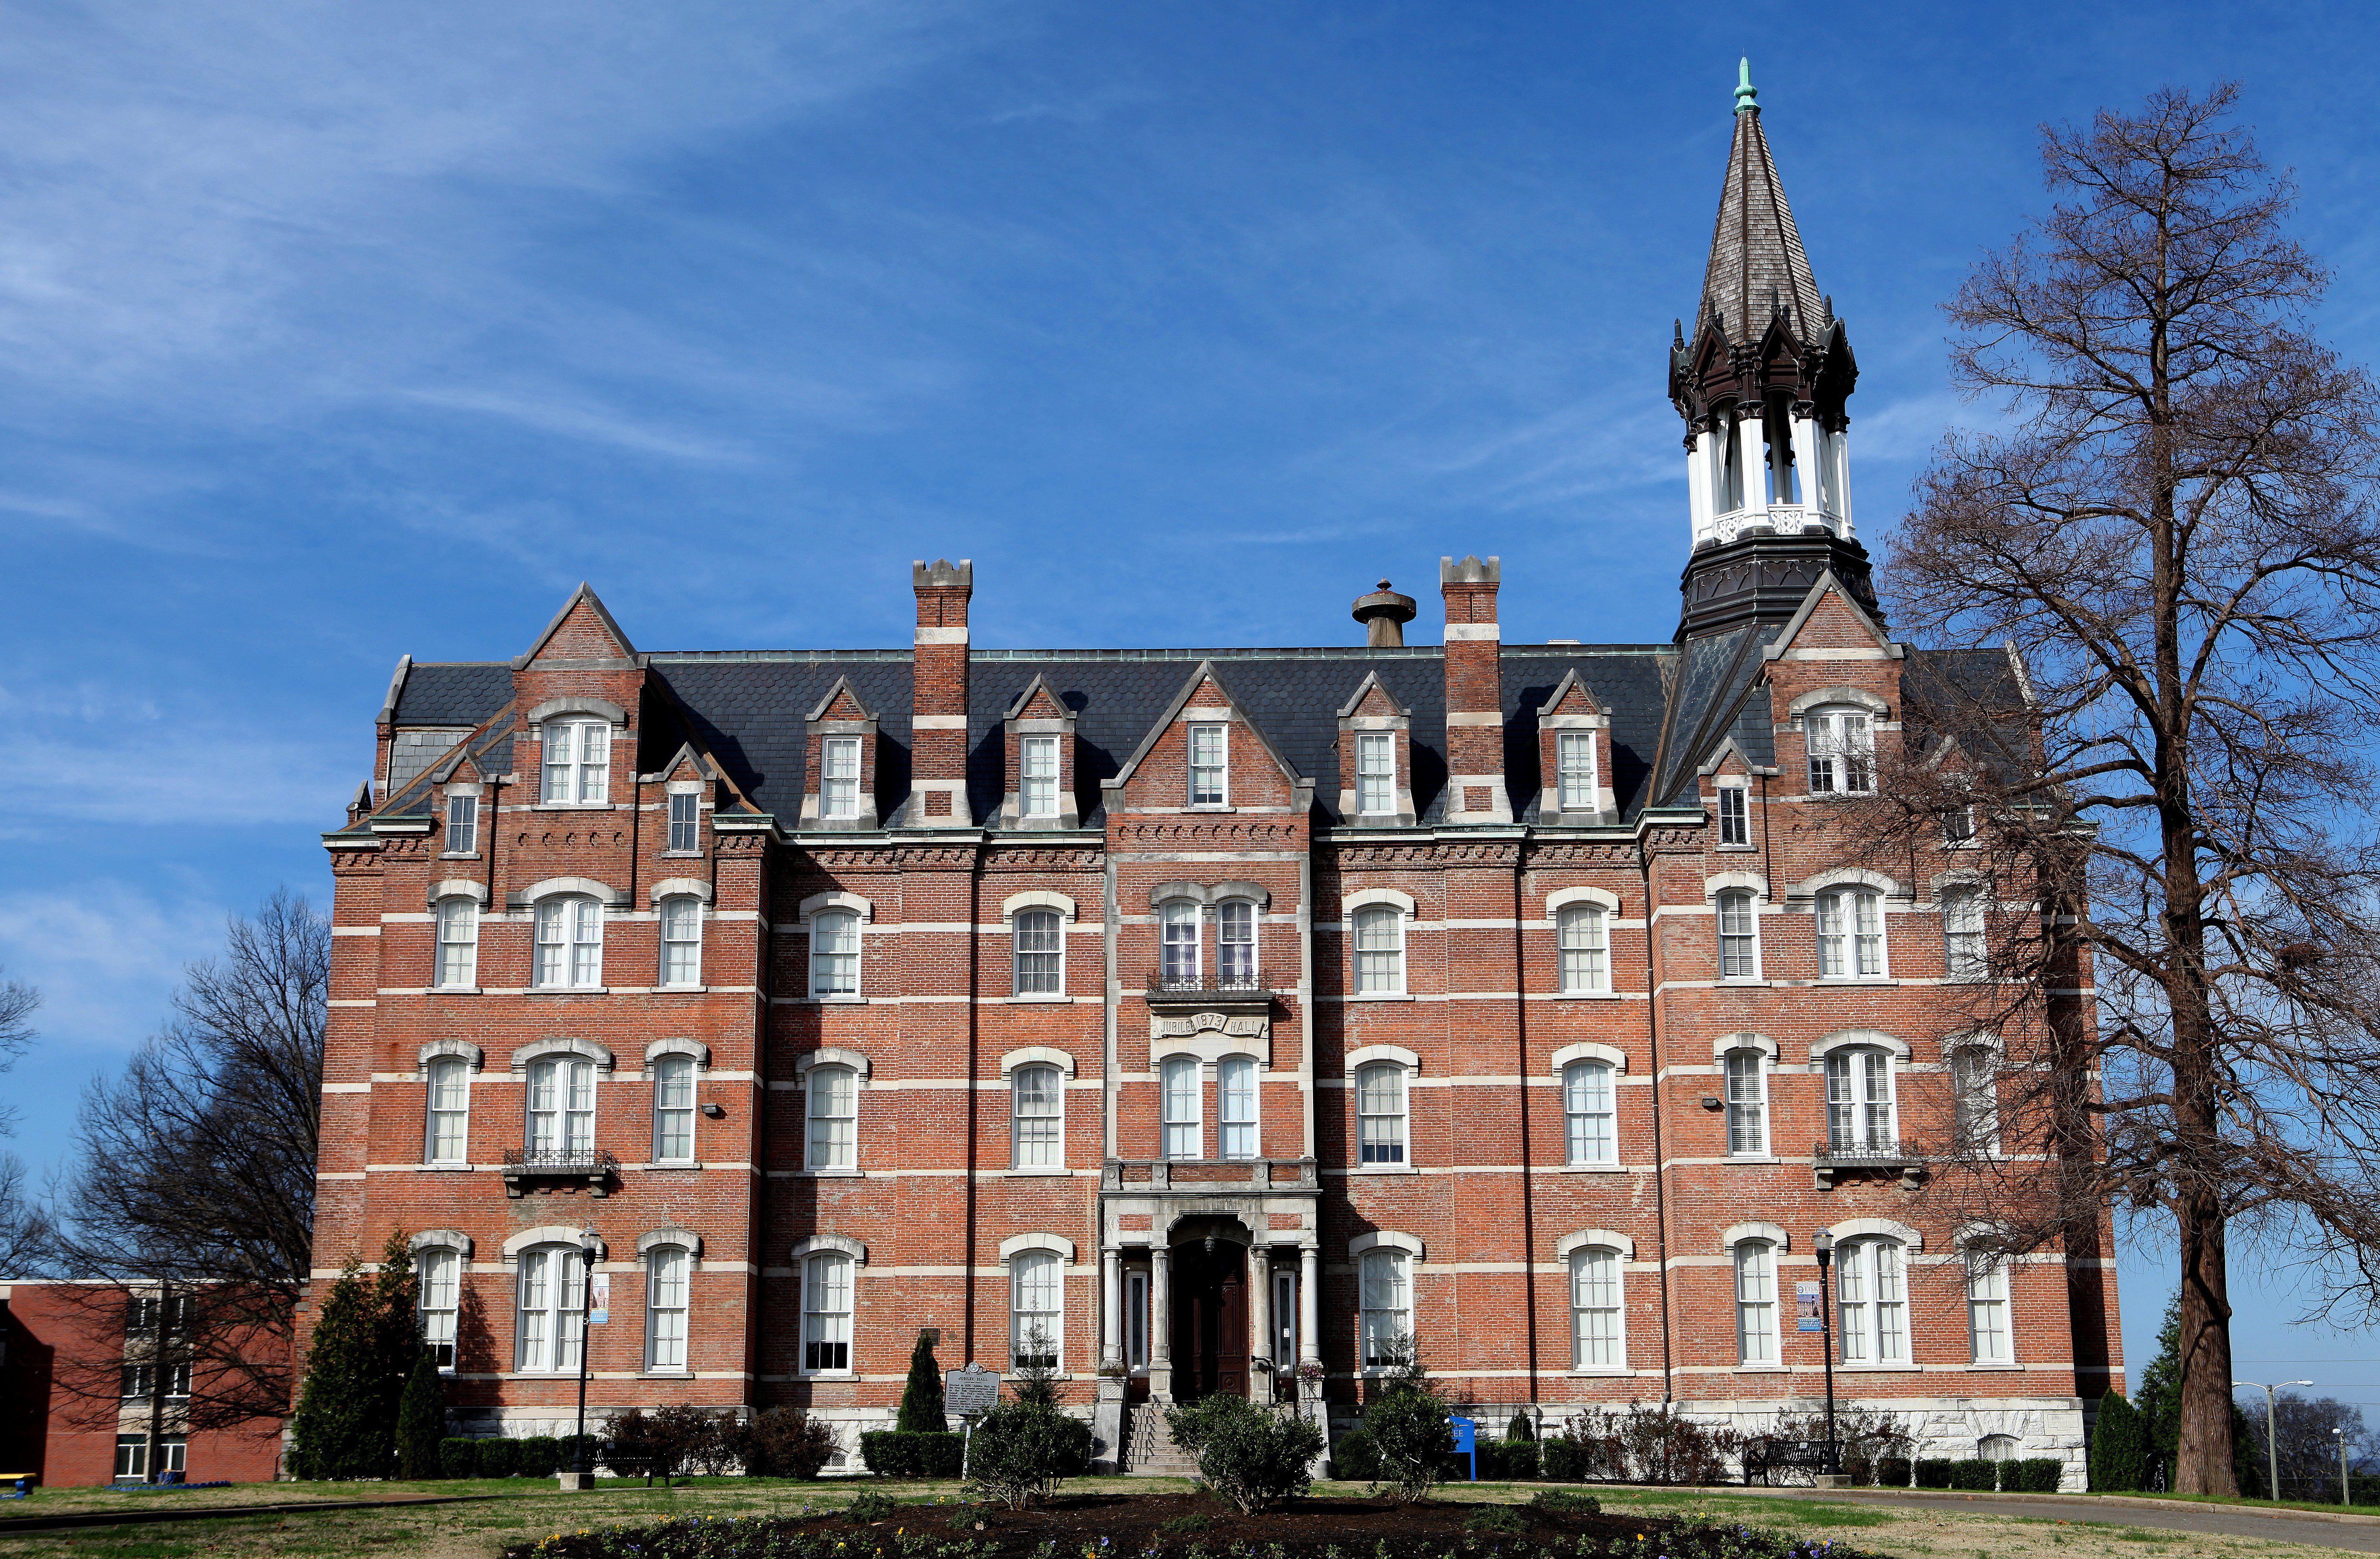 Τέξας κρατικό πανεπιστήμιο χρονολογείται